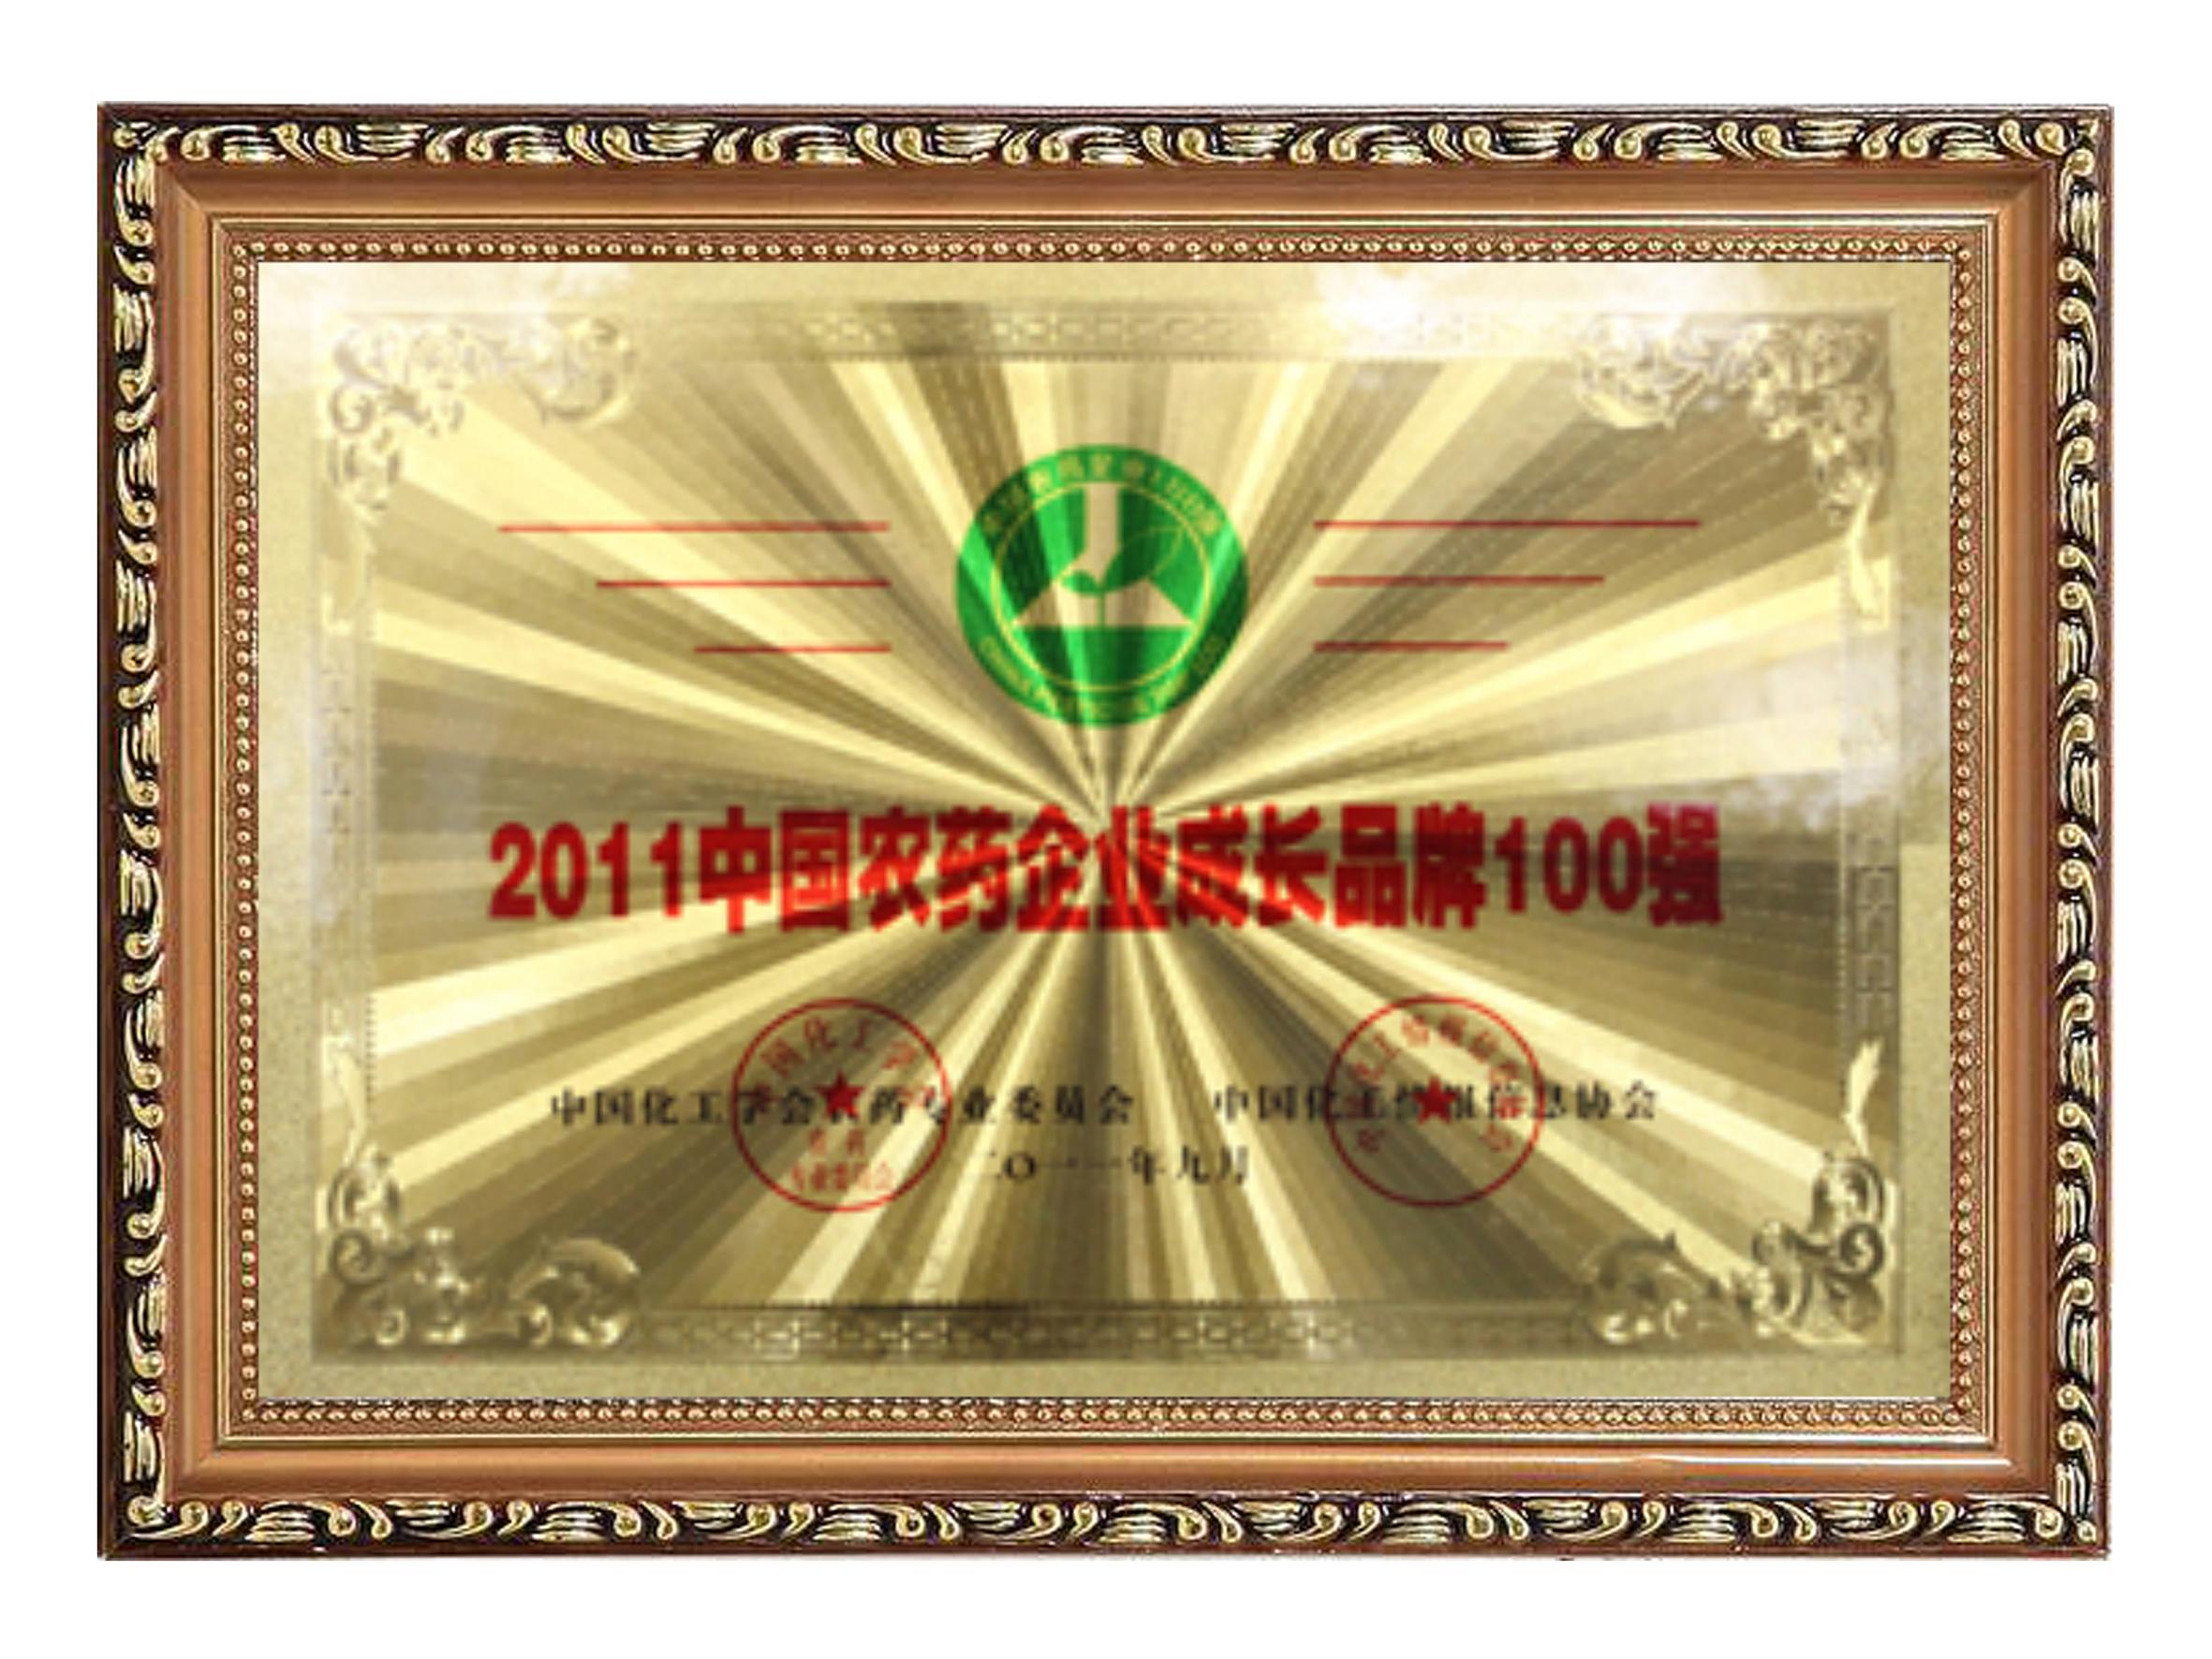 2011中国农药企业成长品牌100强牌匾